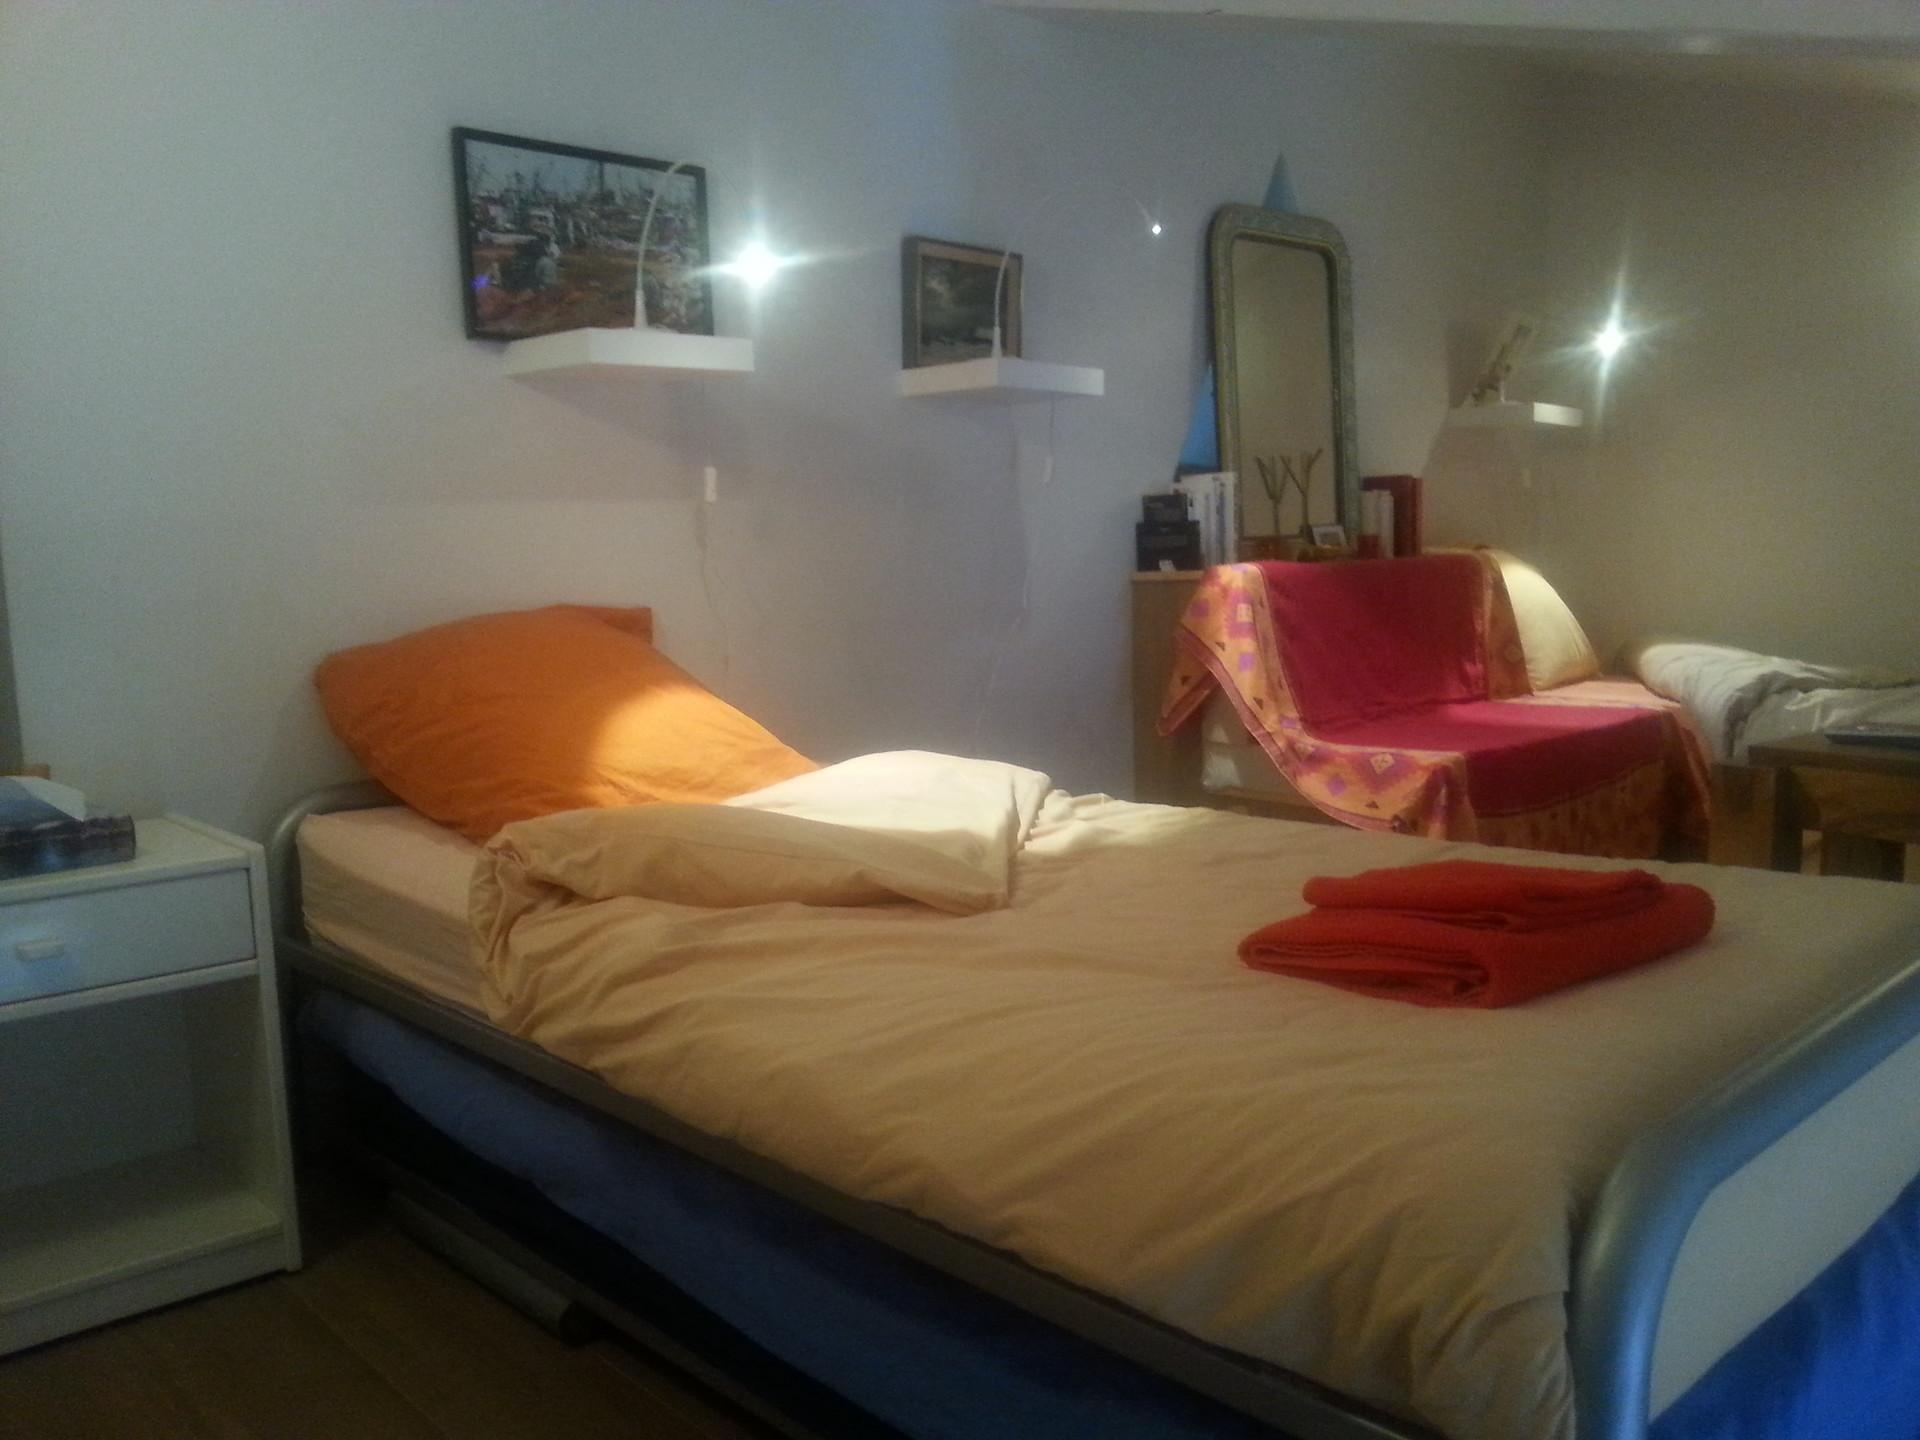 Chambre studio chez l 39 habitant location studios saint etienne - Chambre chez l habitant quimper ...